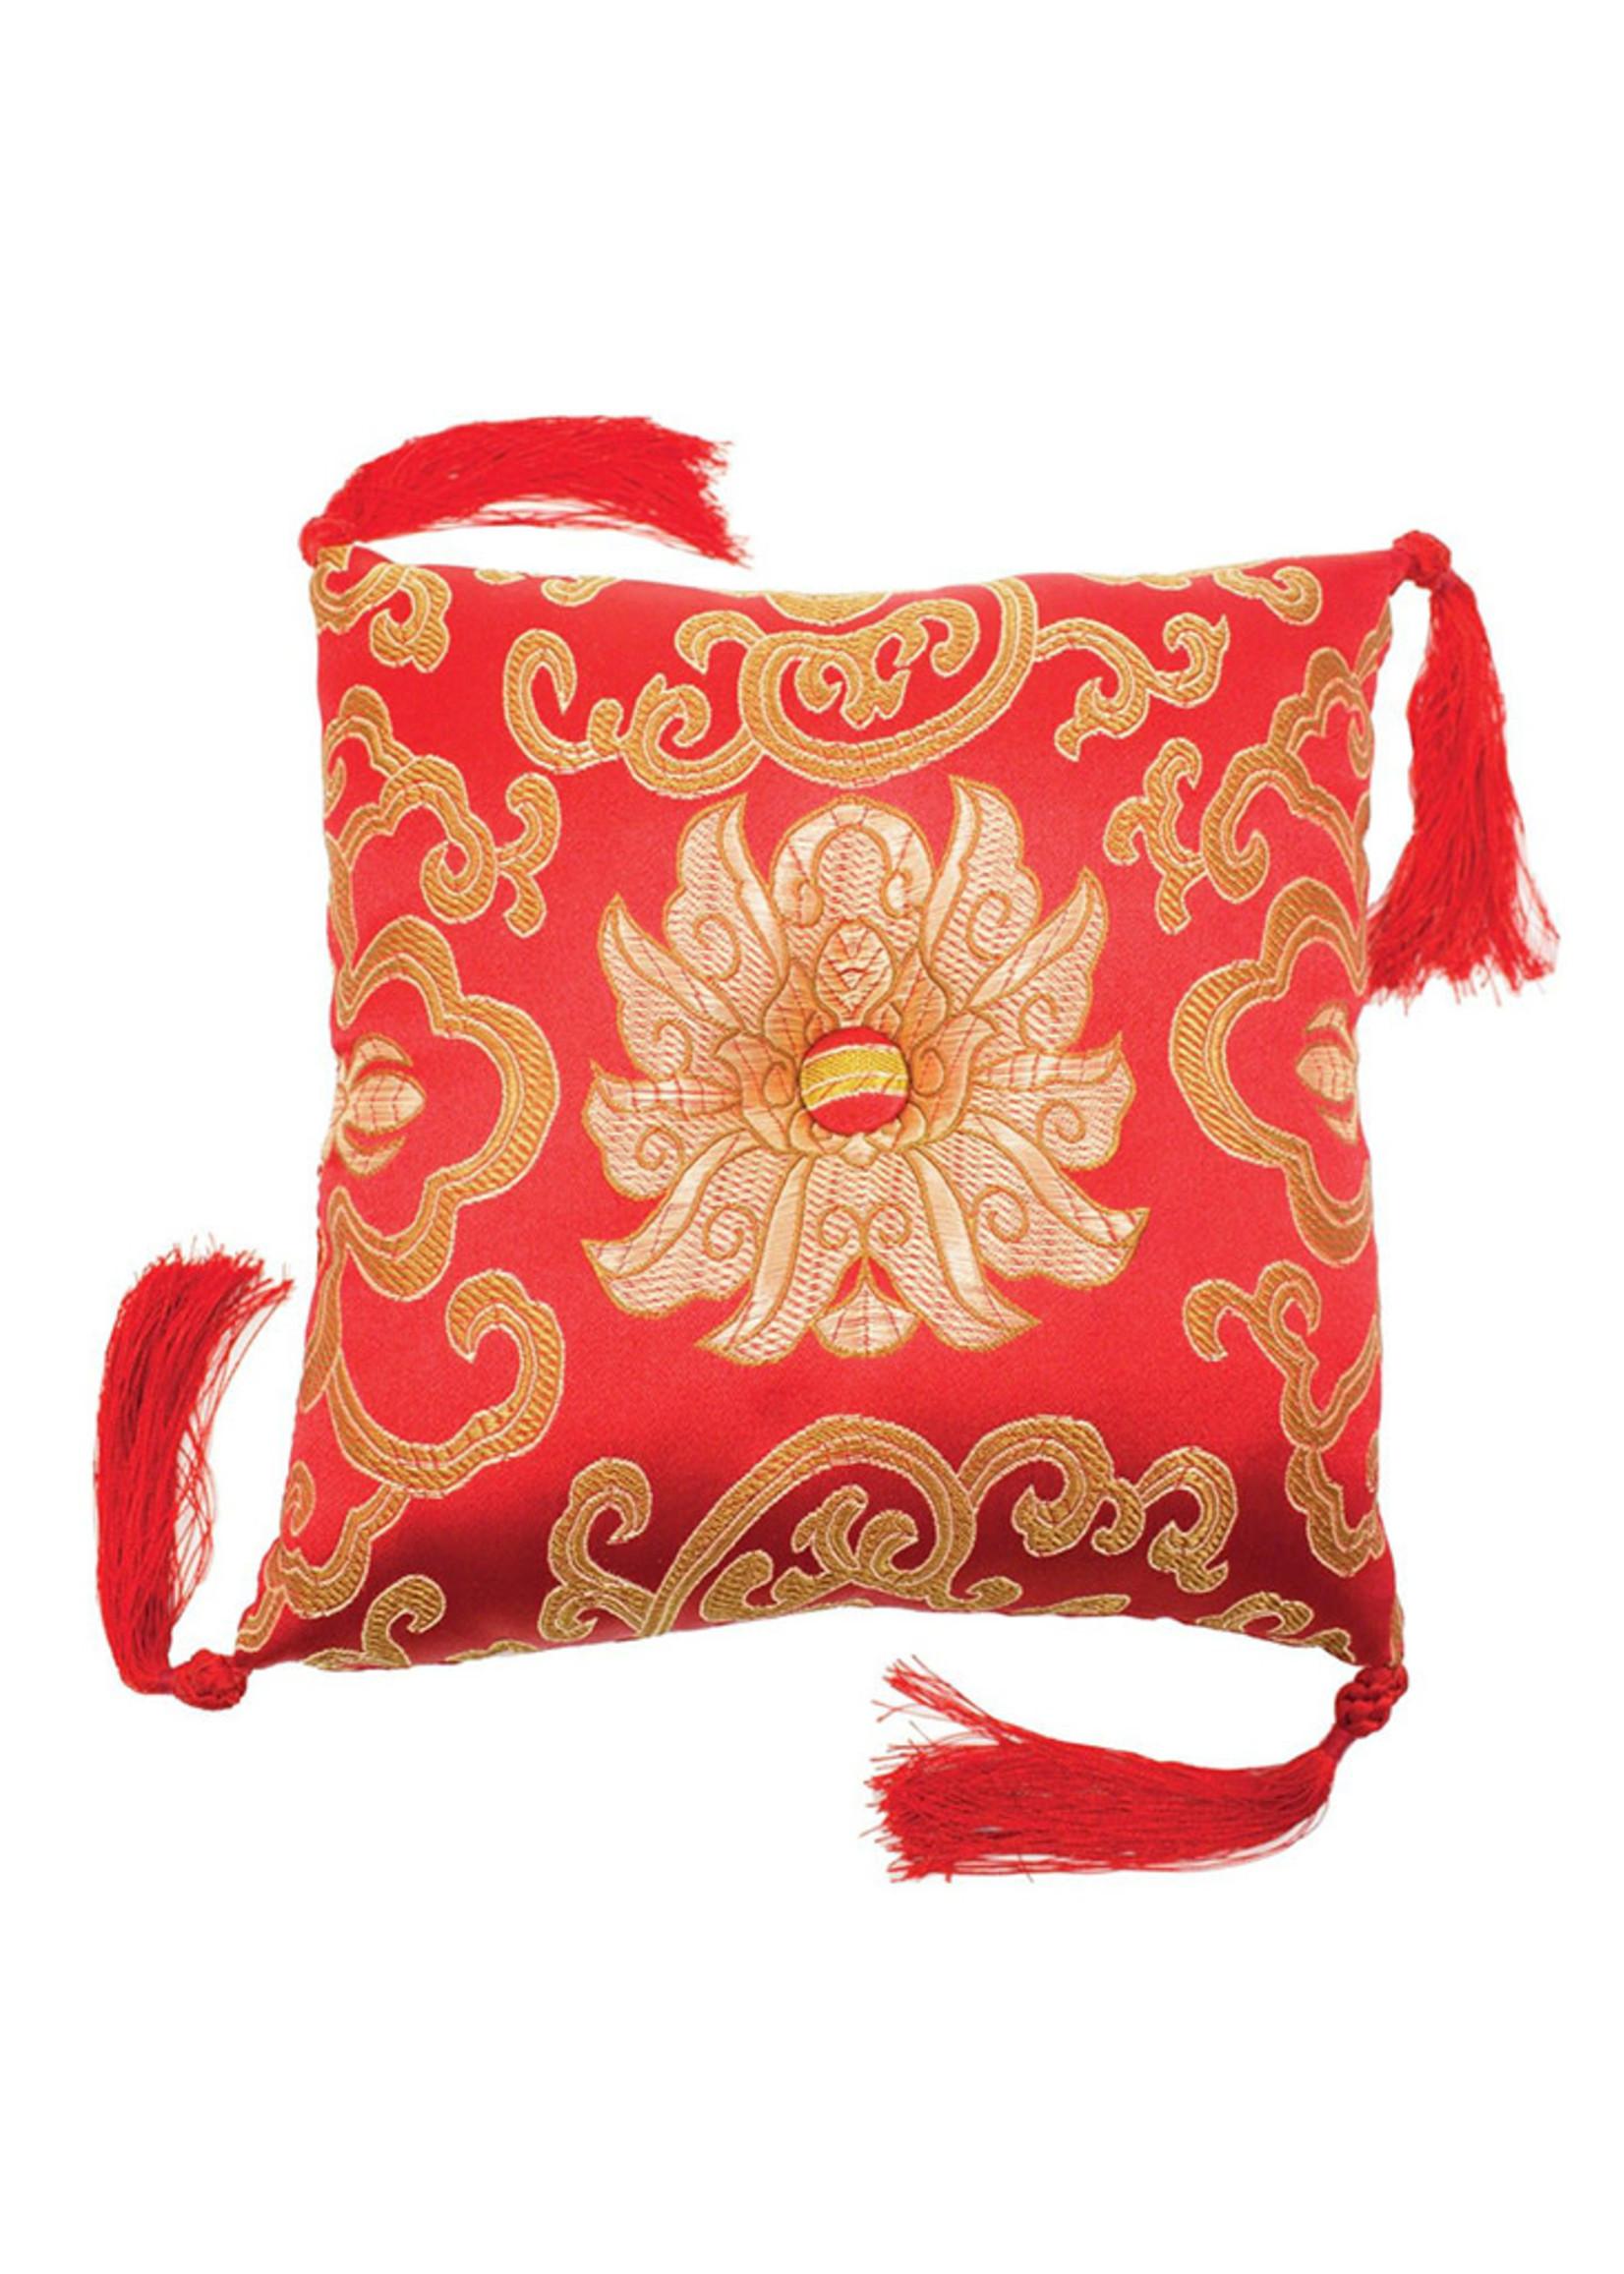 dZi Singing Bowl Cushion